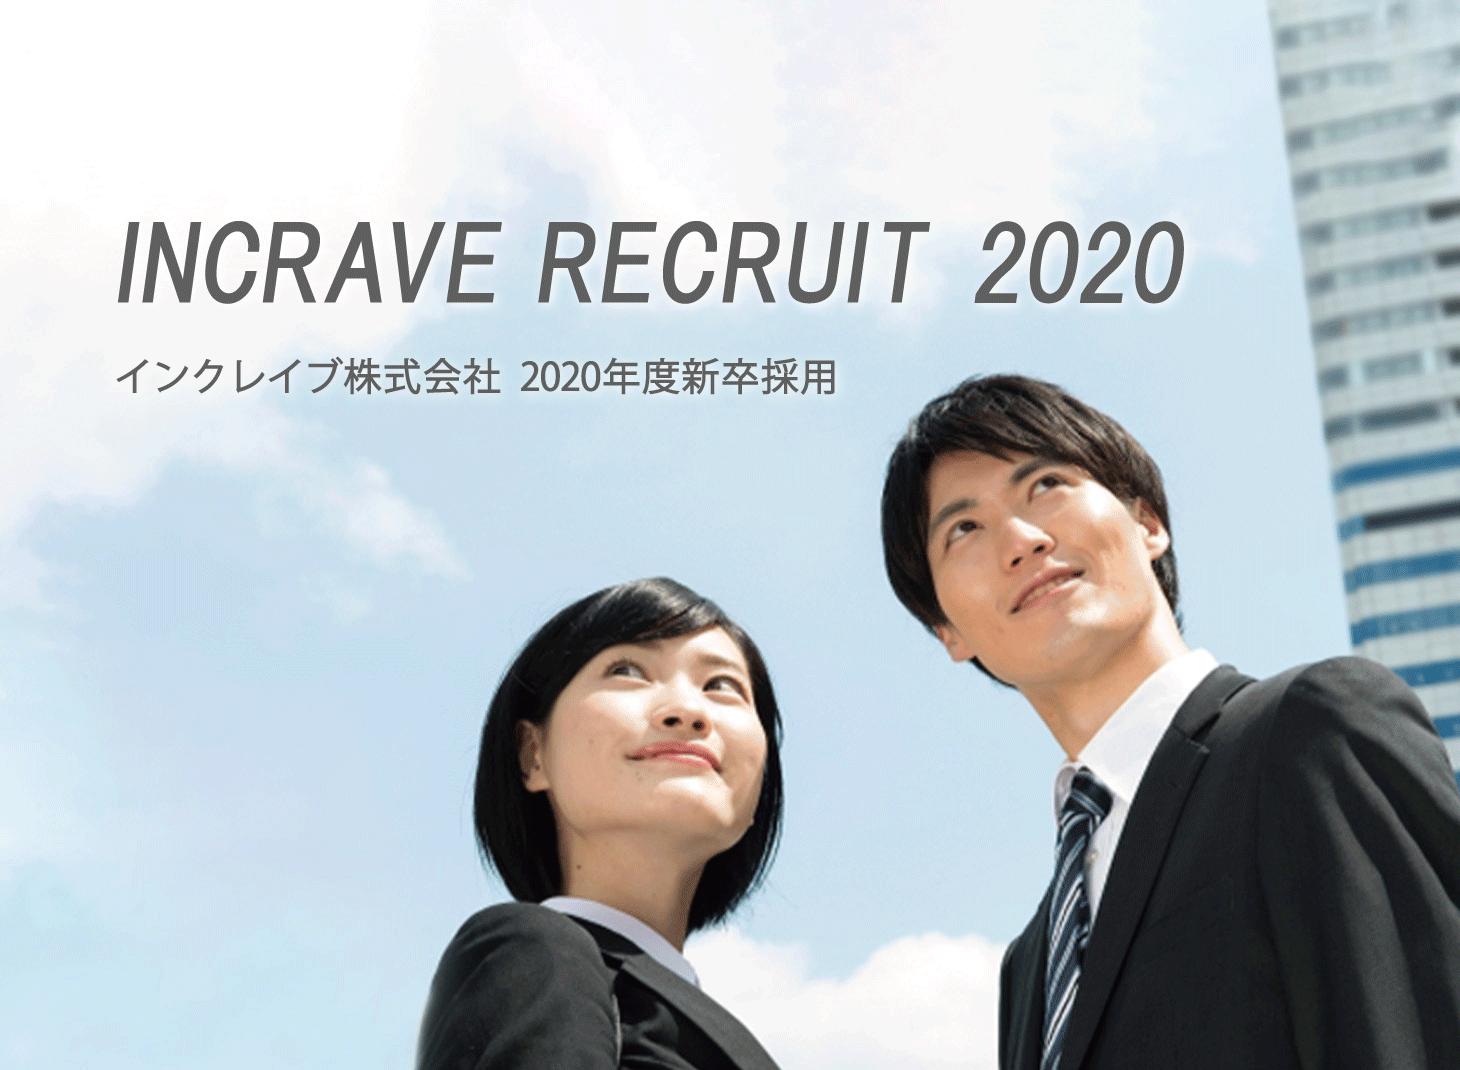 INCRAVE RECRUIT 2020 インクレイブ株式会社 2020年度新卒採用